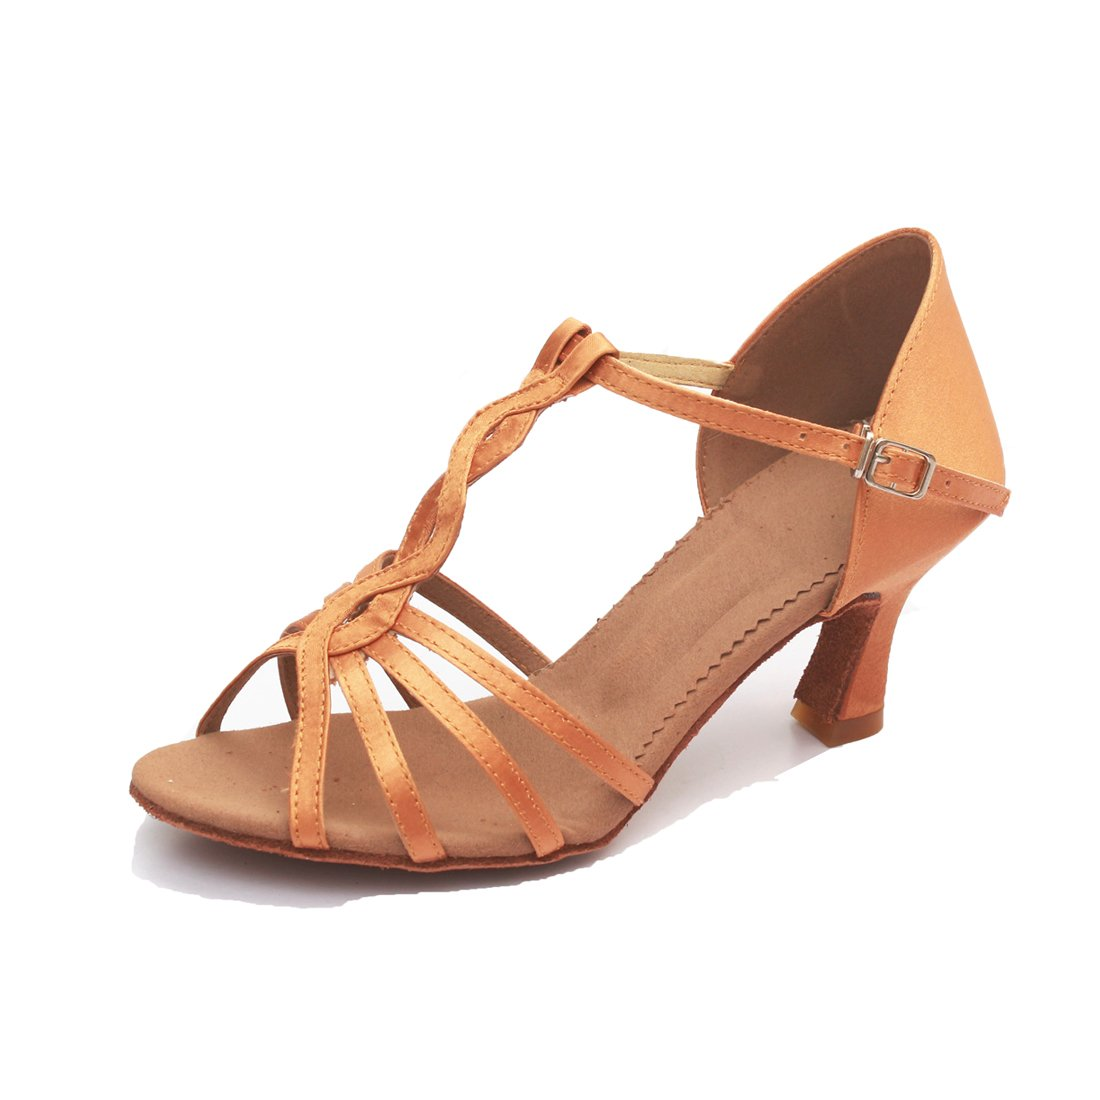 VESI-Chaussures de Danse Latine Talons Hauts Sandales pour Femme VASHCAMER